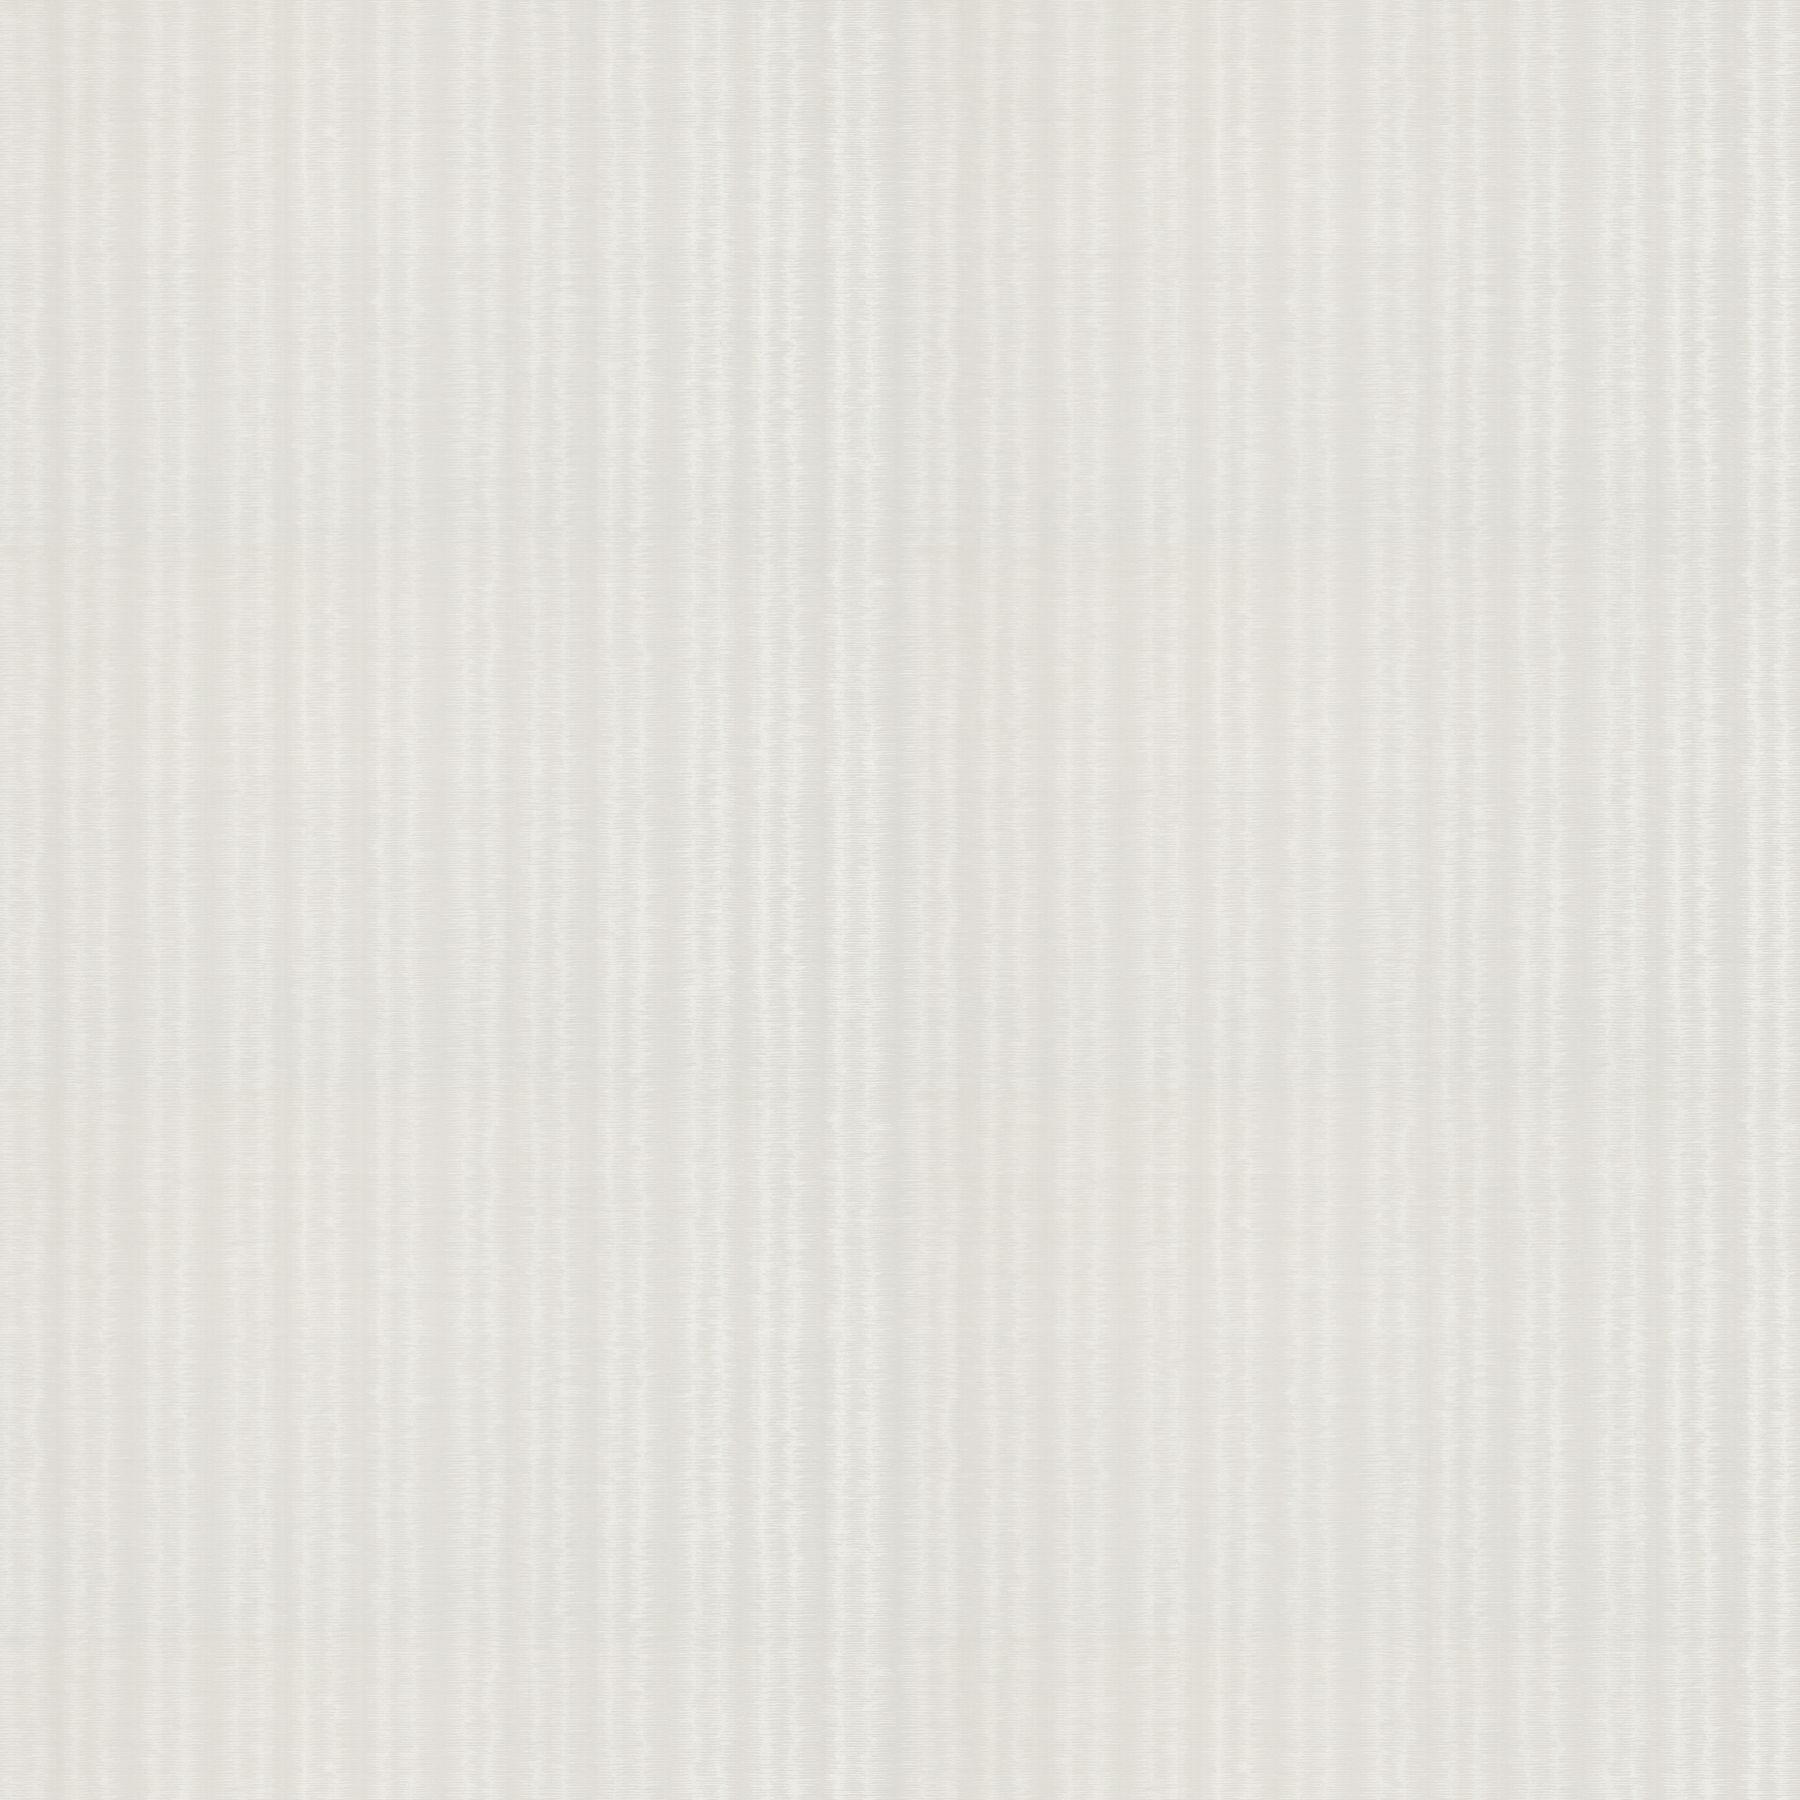 wallpapers ragtime 4 4048 090 jab anstoetz. Black Bedroom Furniture Sets. Home Design Ideas